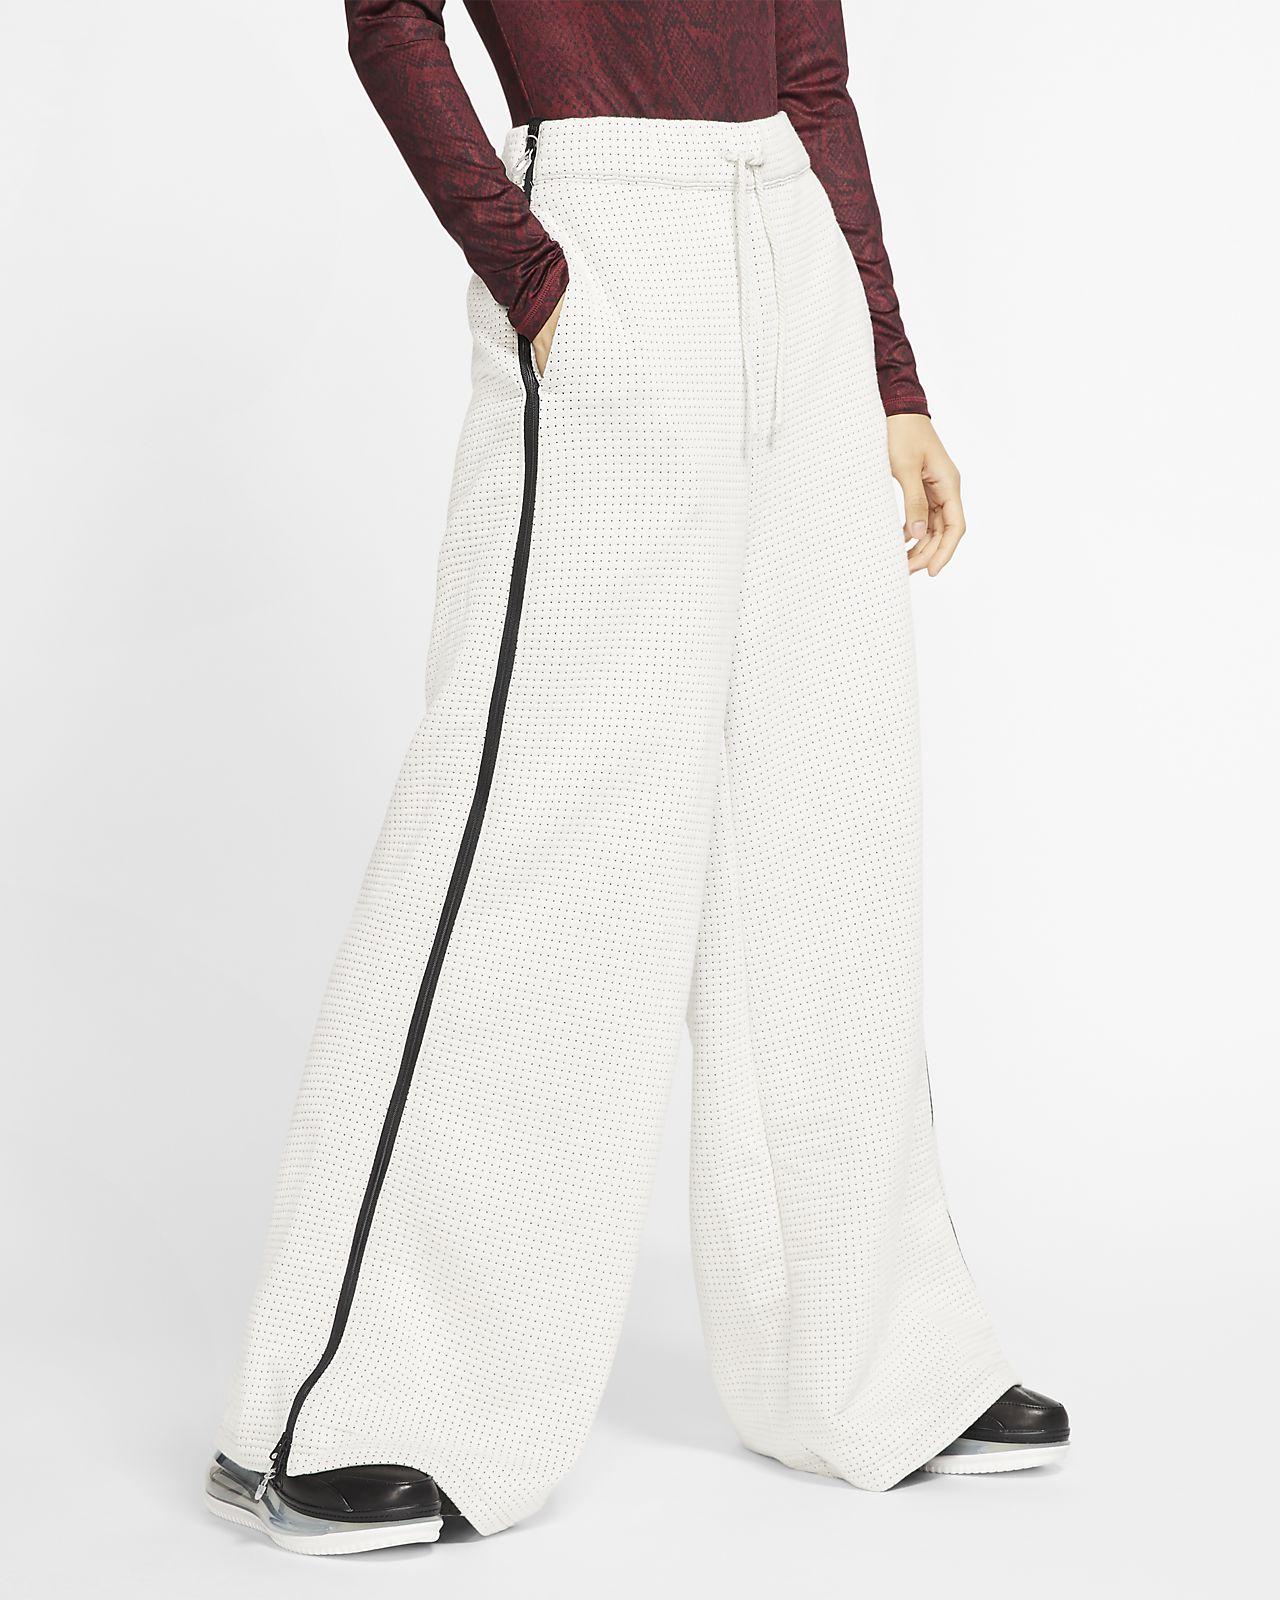 Pantalon en tissu Fleece Nike Sportswear City Ready pour Femme